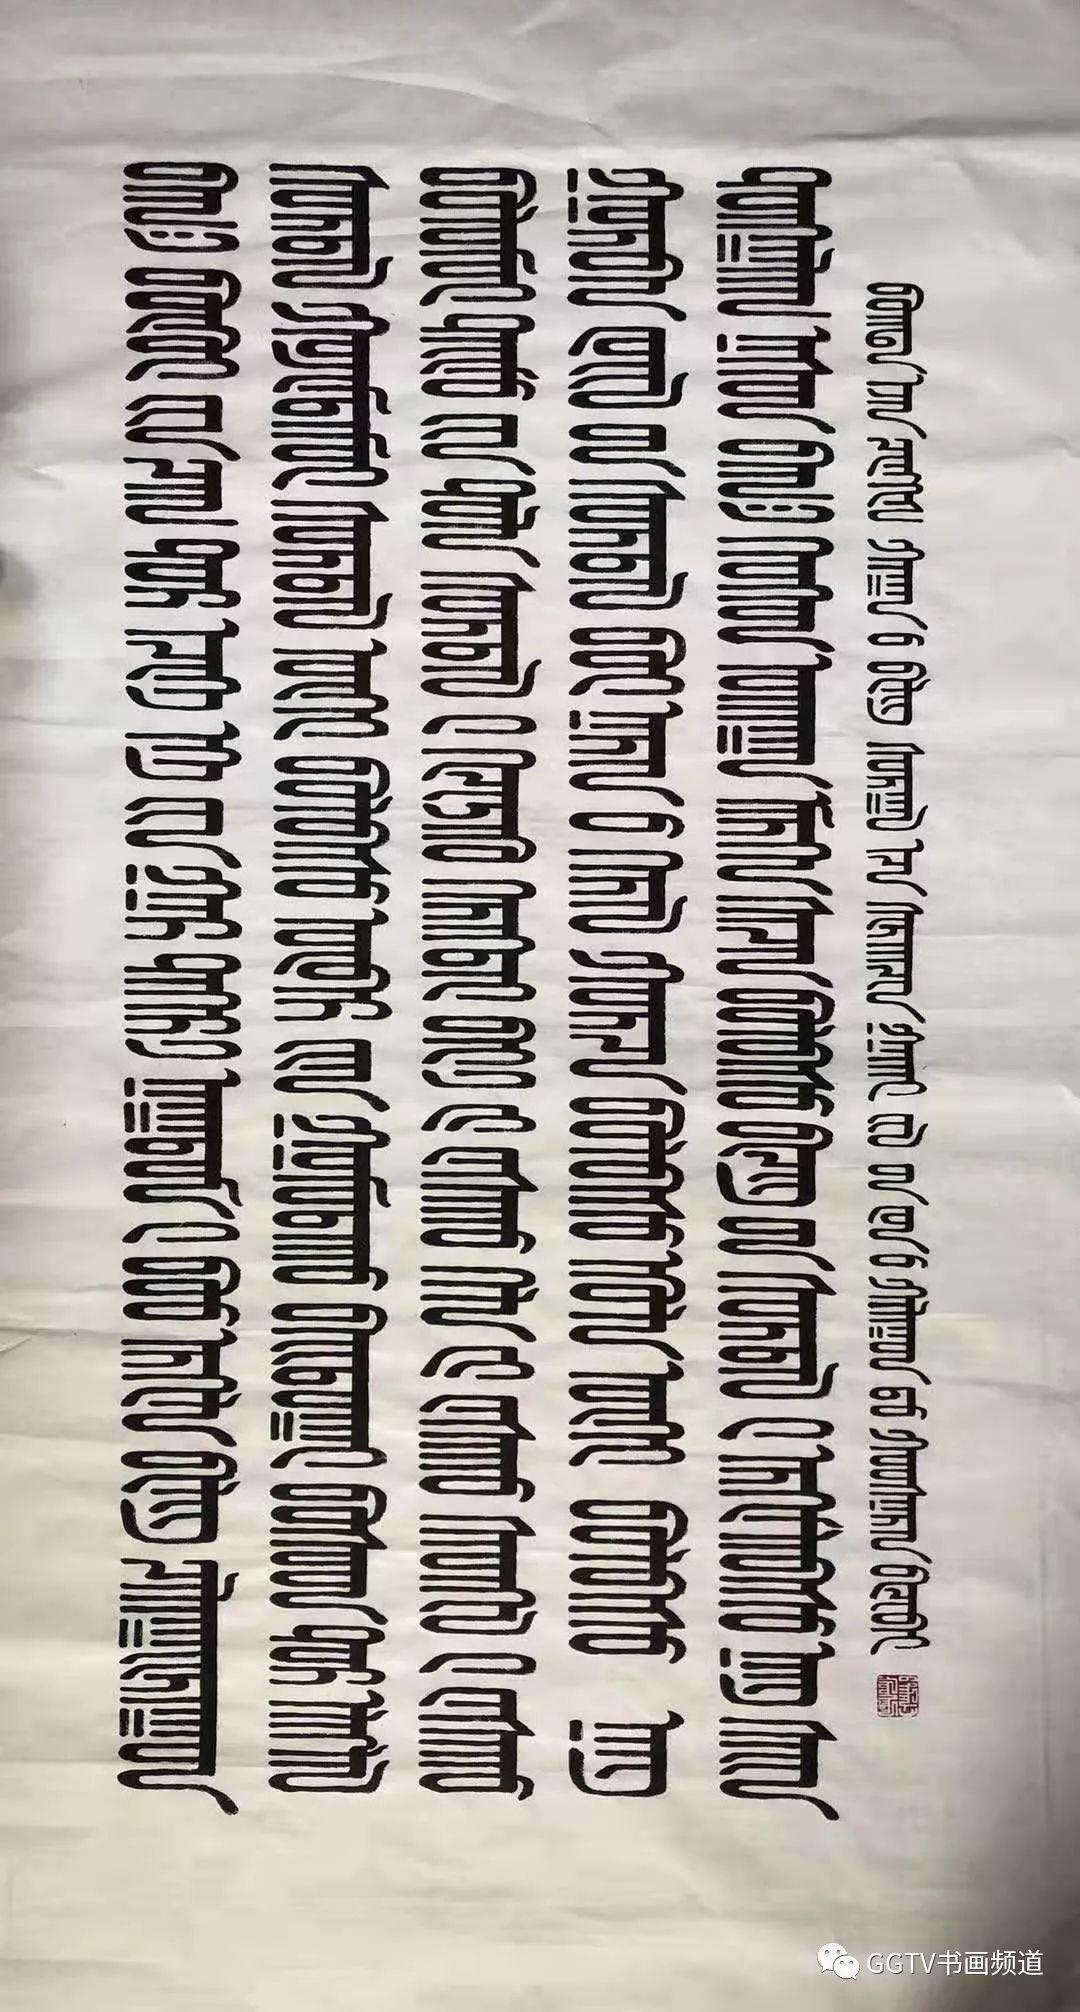 庆祝建国70周年全国优秀艺术家  —— 鲍好斯那拉作品展 第15张